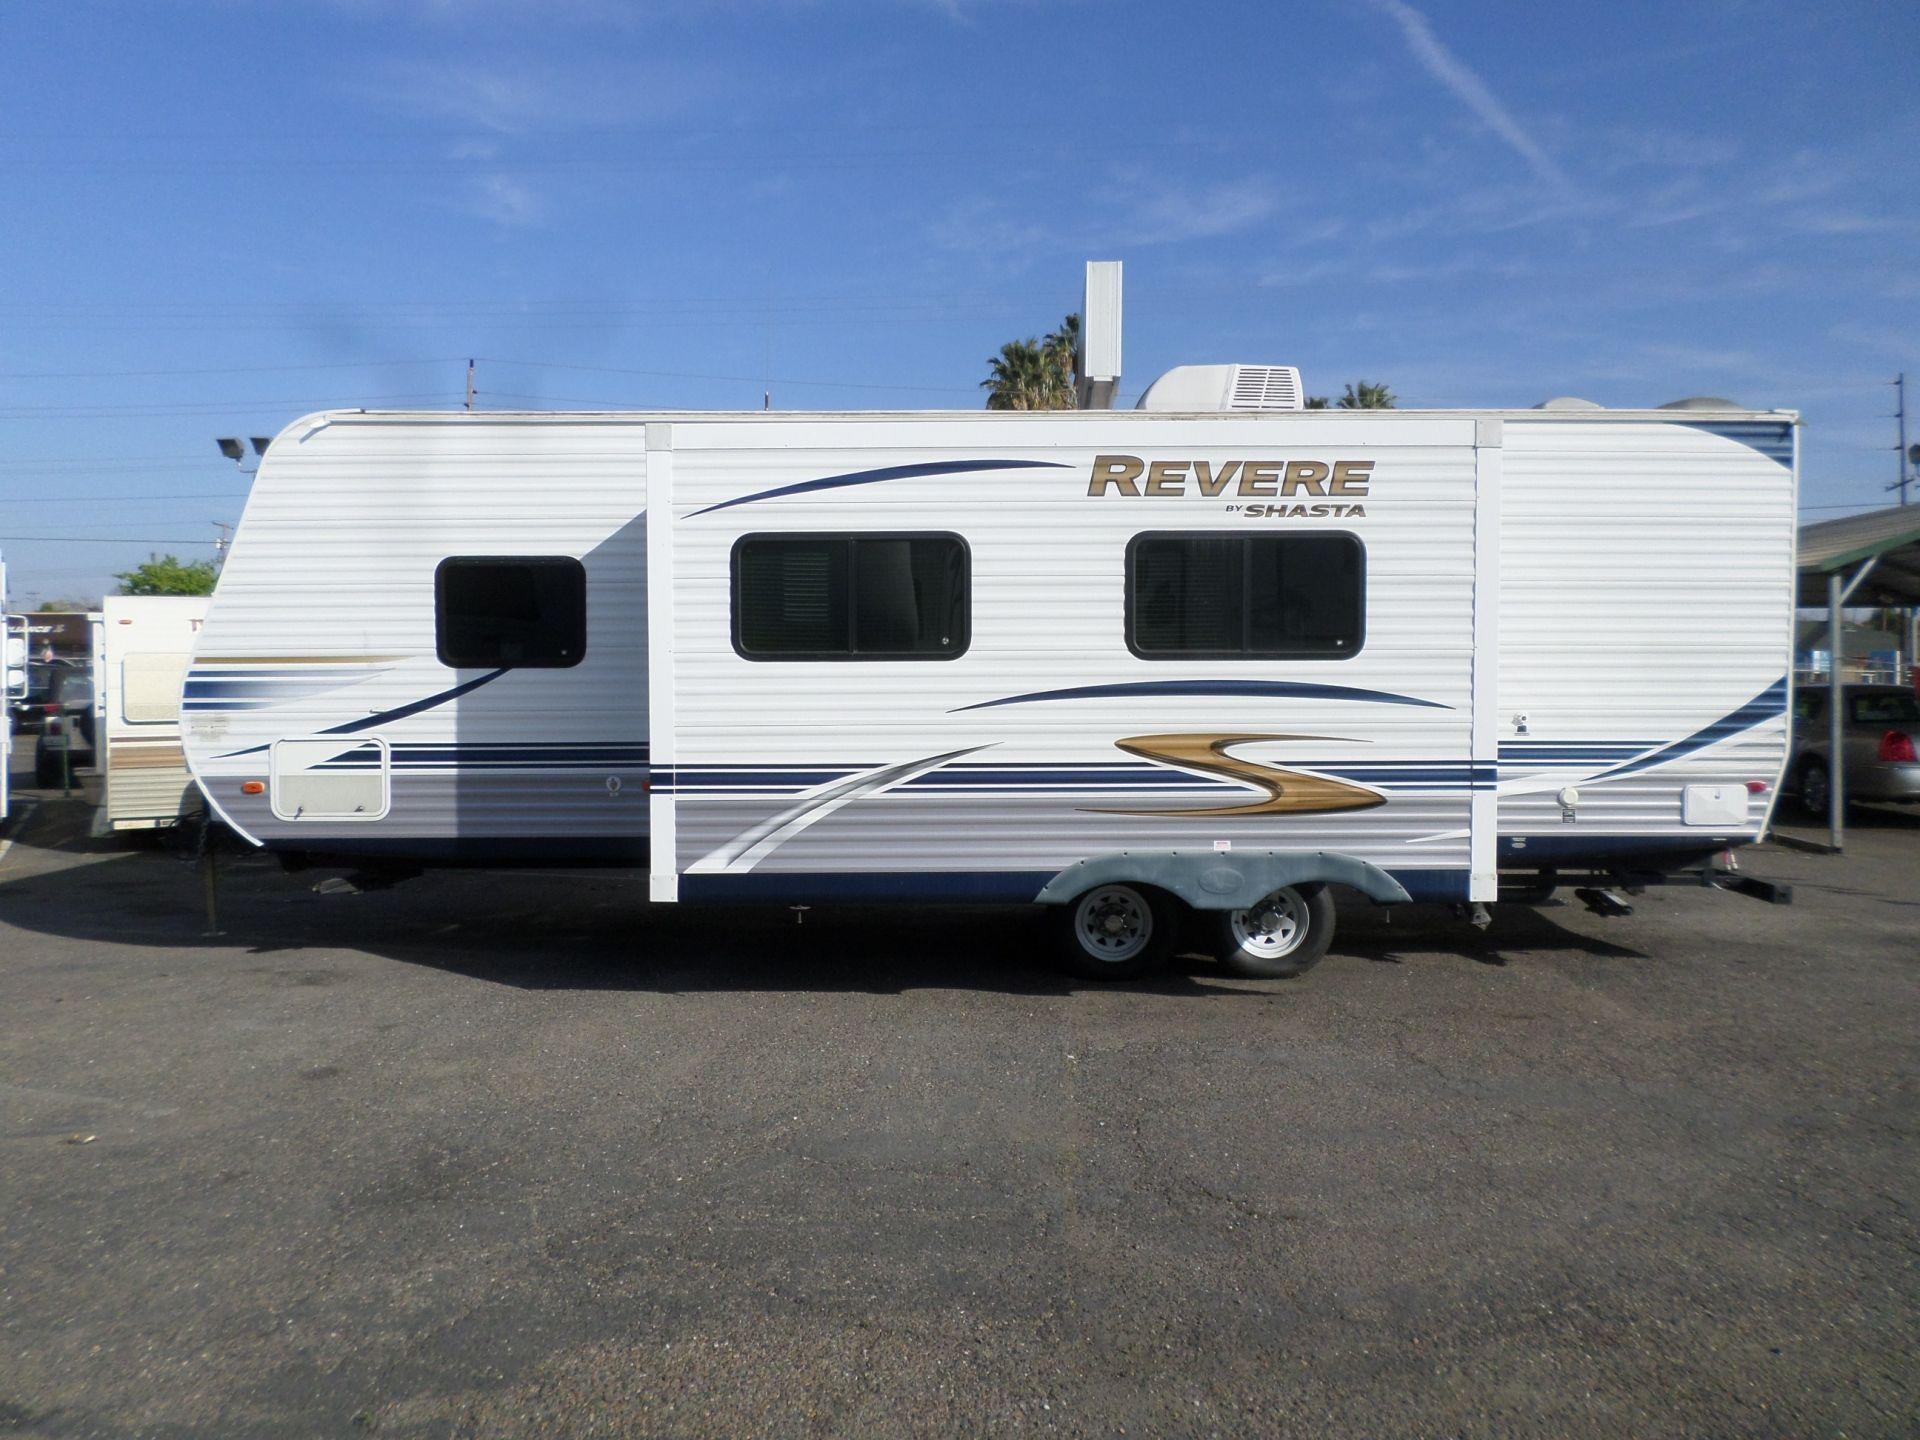 2012 Shasta Revere Bunkhouse Travel Trailer | Travel ...